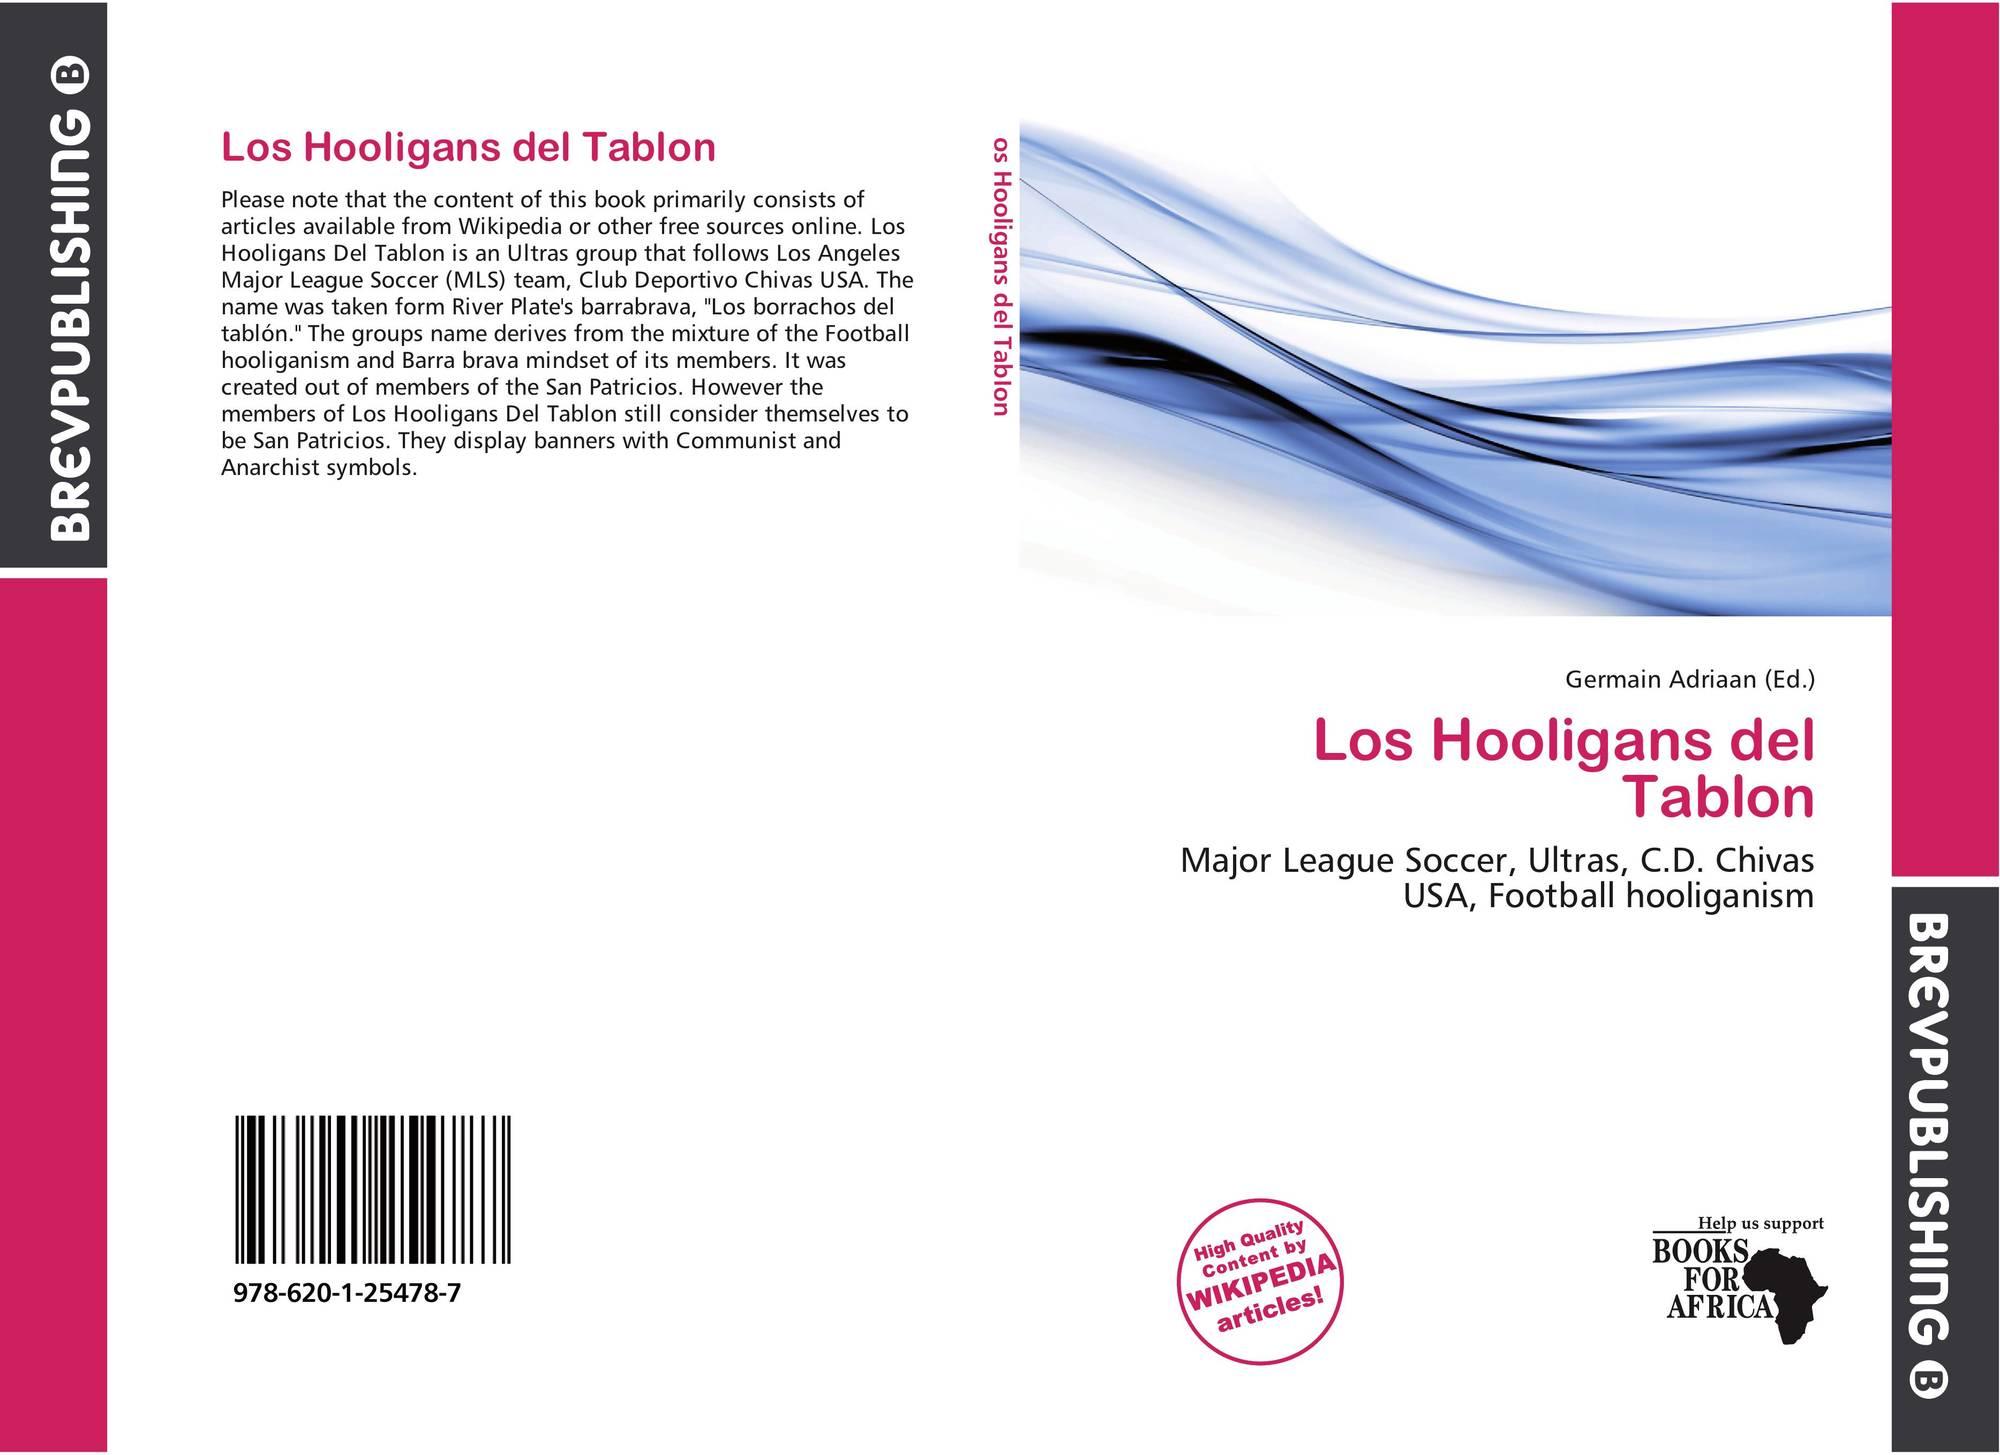 Los Hooligans del Tablon, 978-620-1-25478-7, 6201254781 ,9786201254787